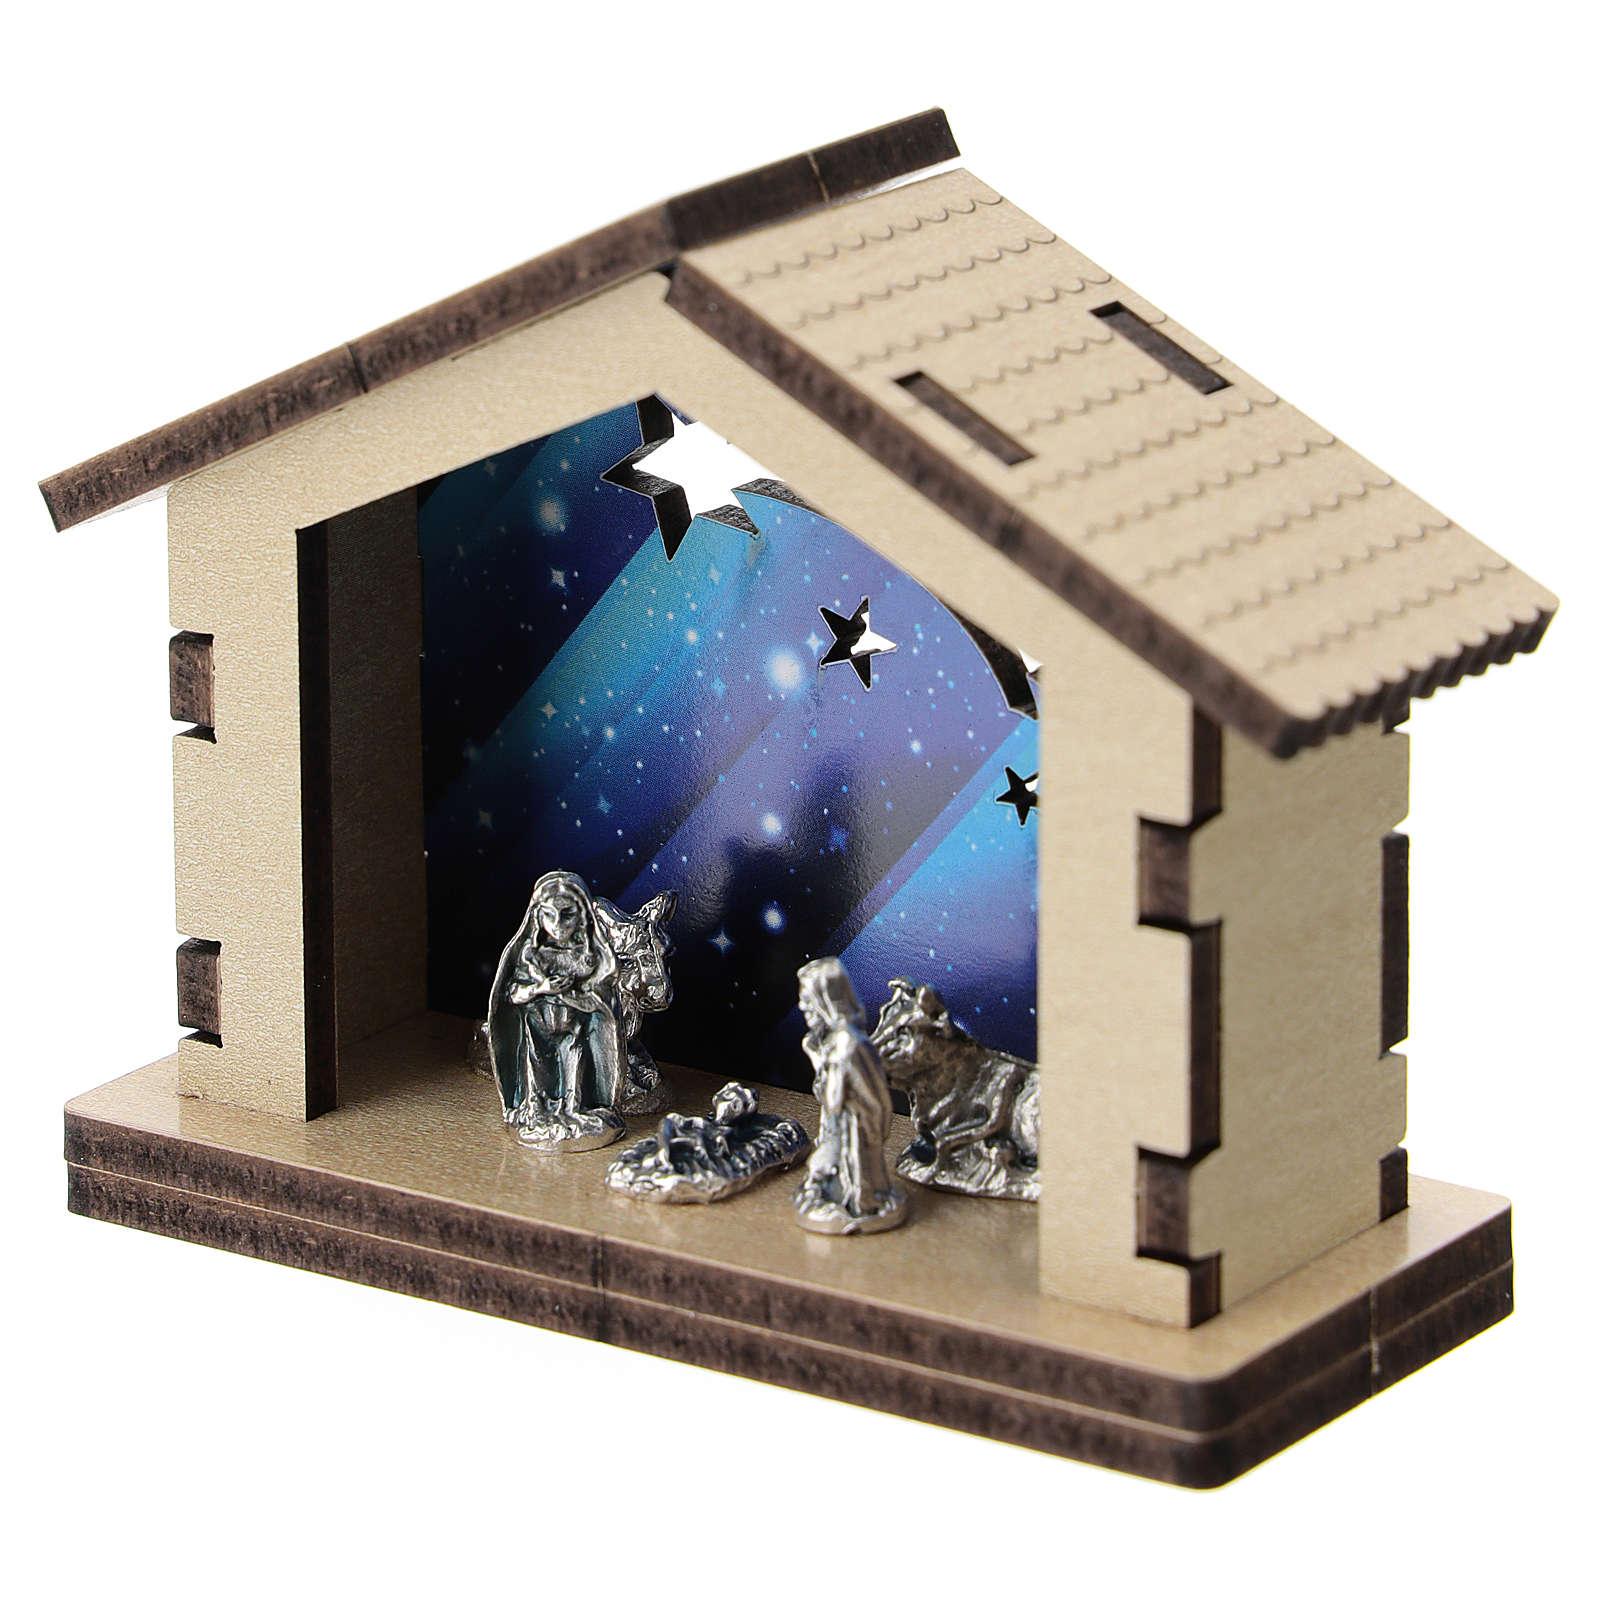 Cabane bois fond bleu comète santons métal 5 cm 3